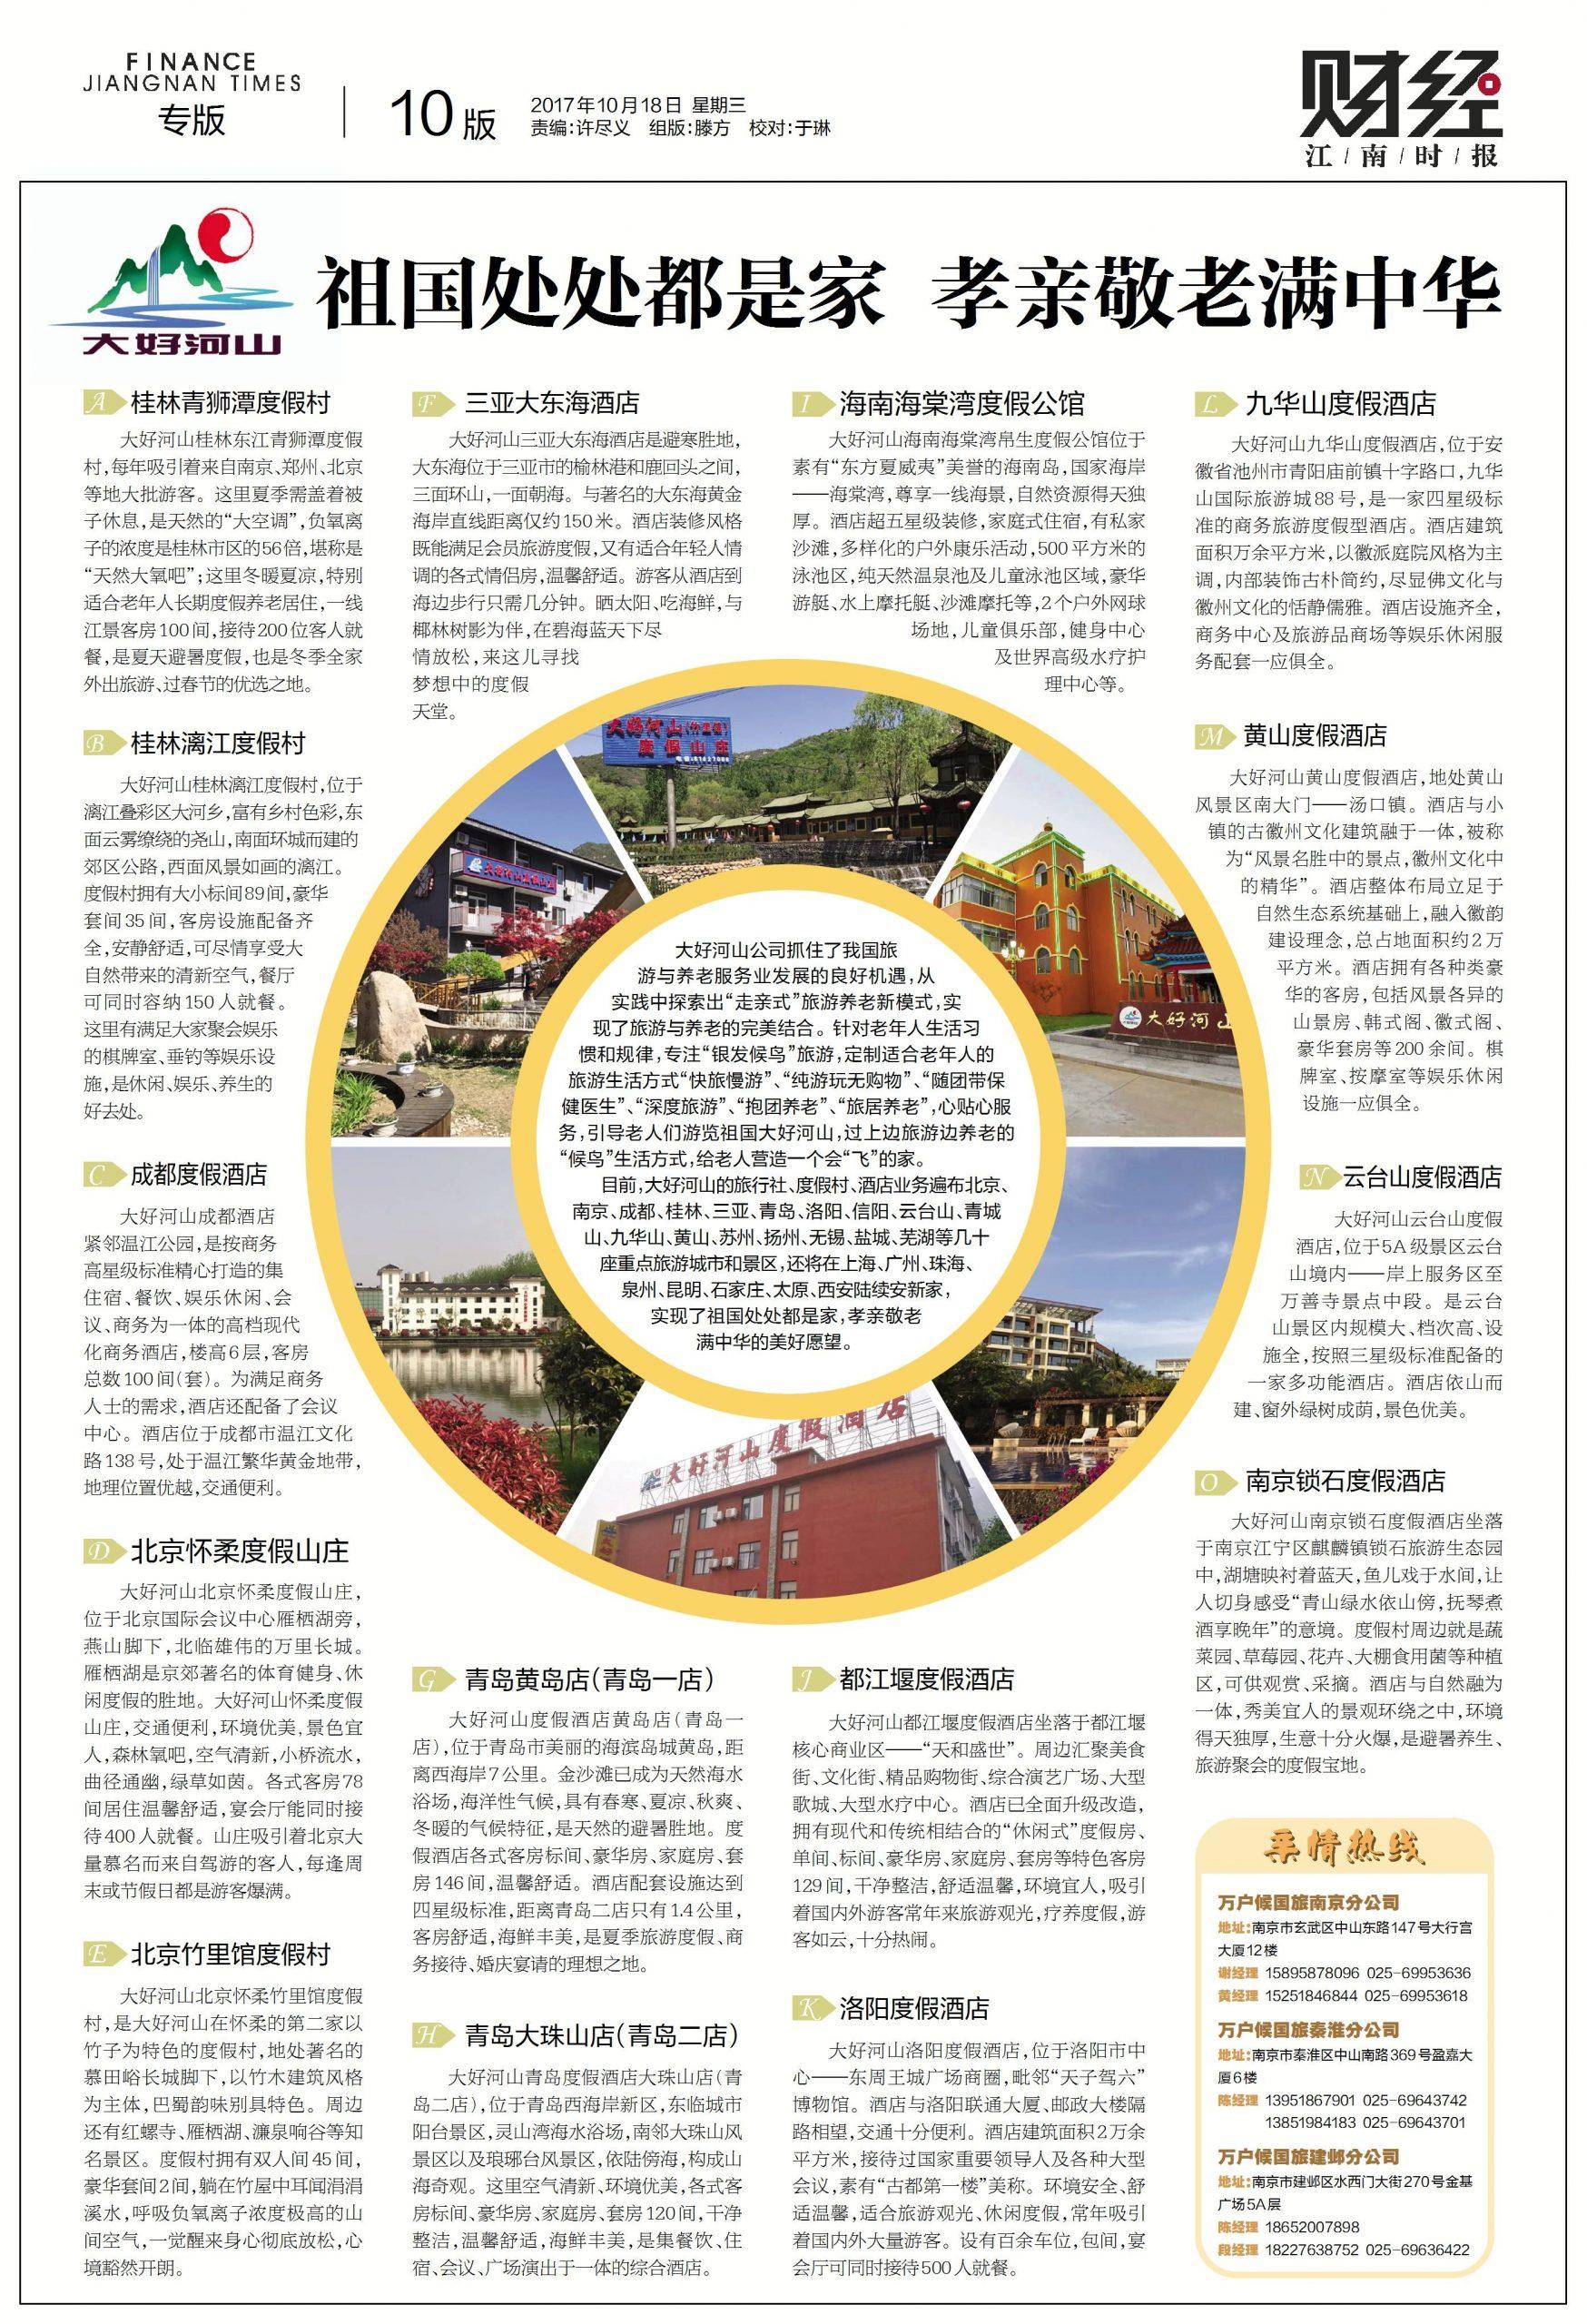 江南时报 2017-10-18 10版